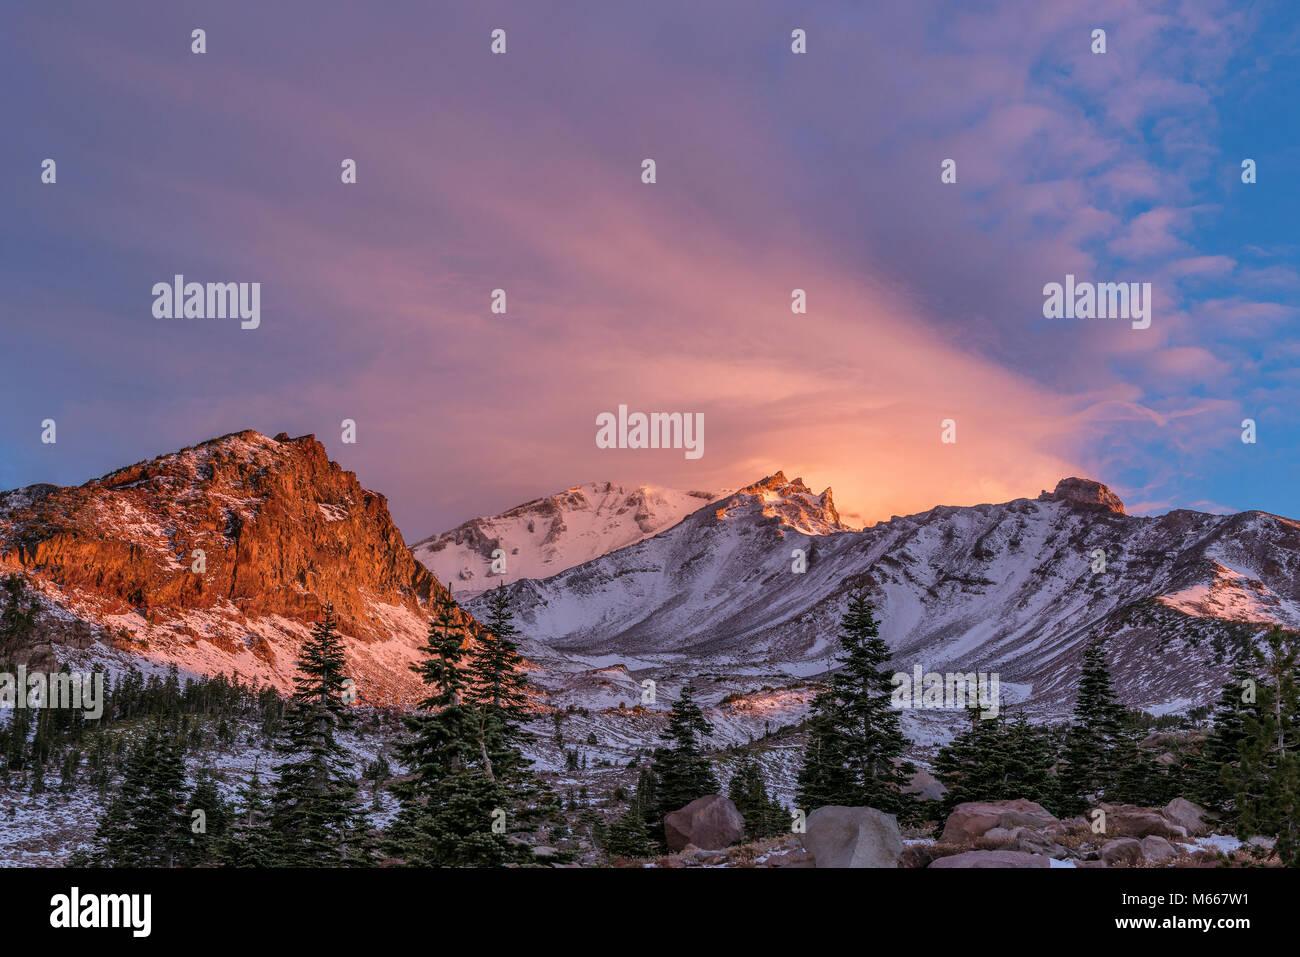 Amanecer, Pantera pradera, monte Shasta, el Bosque Nacional Shasta-Trinity, California Imagen De Stock